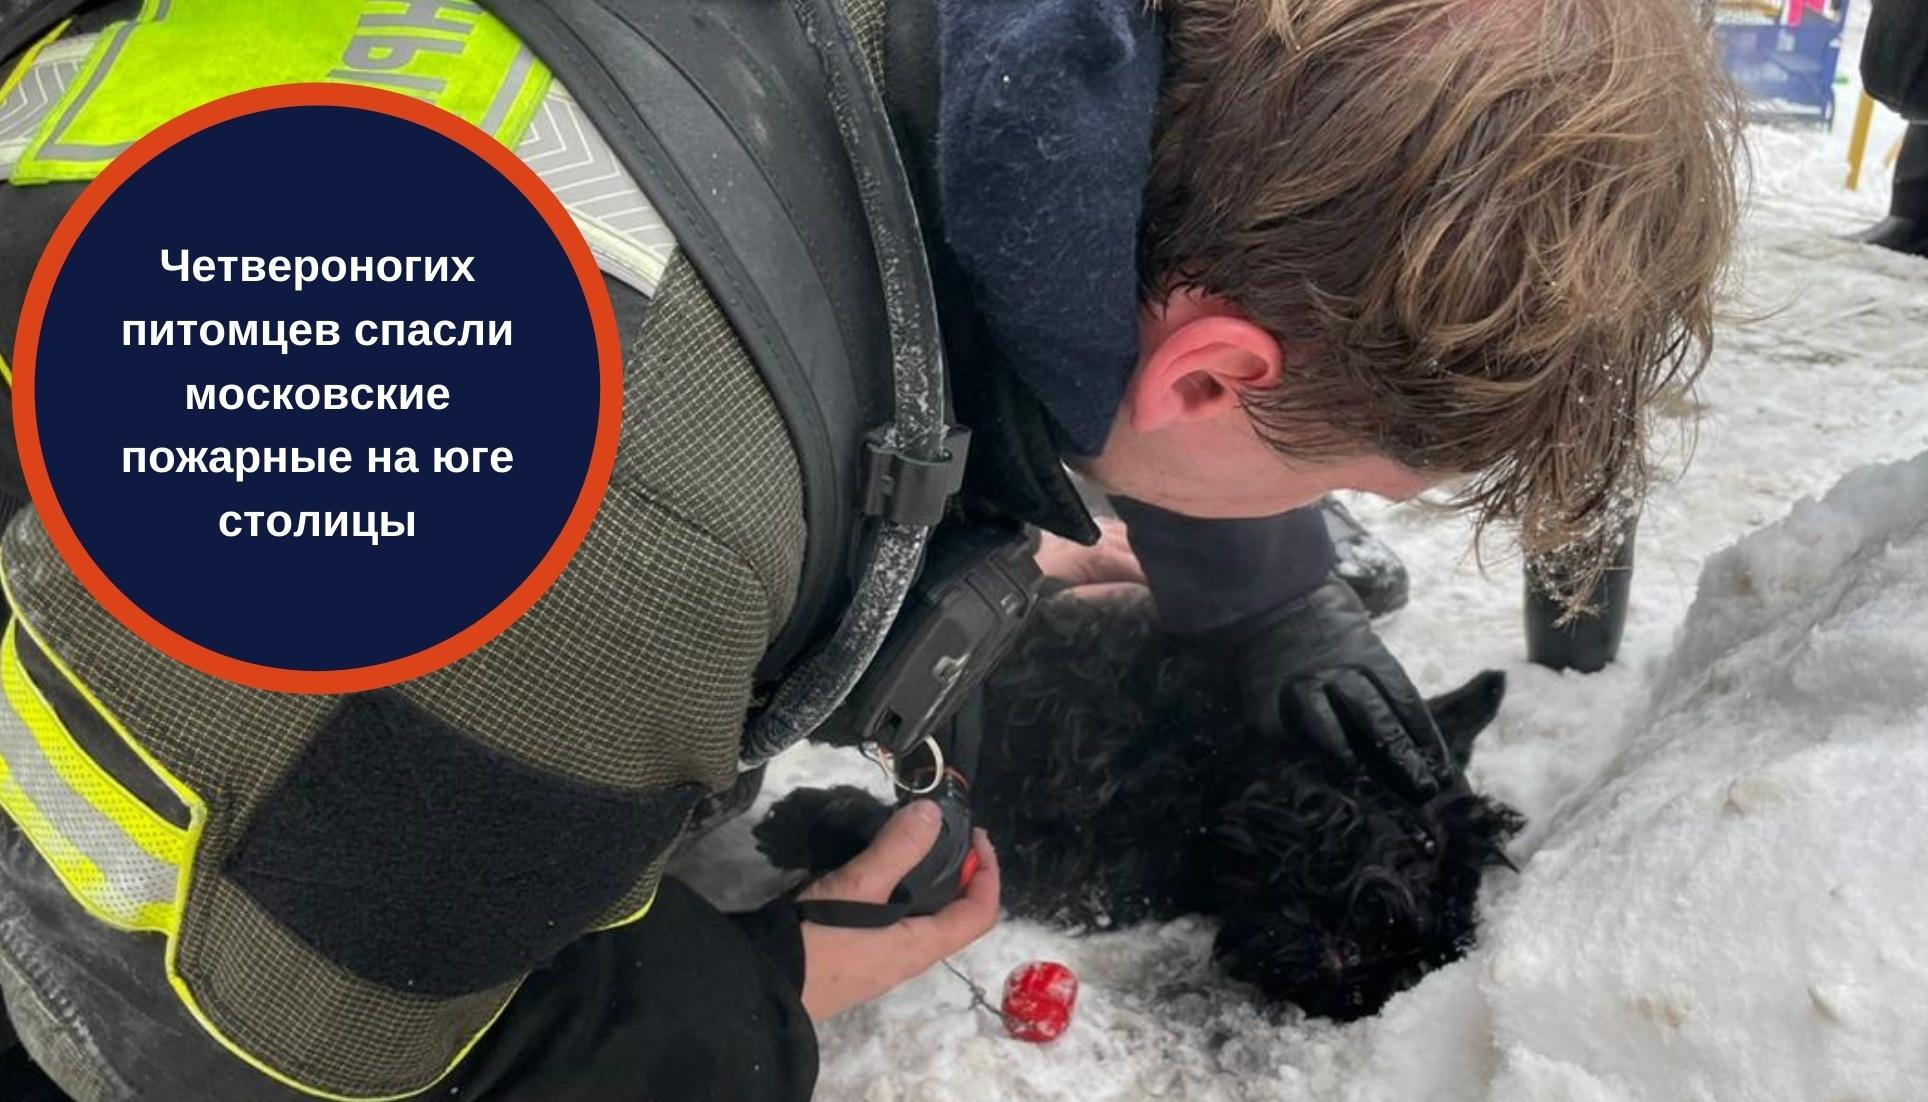 Четвероногих питомцев спасли московские пожарные на юге столицы